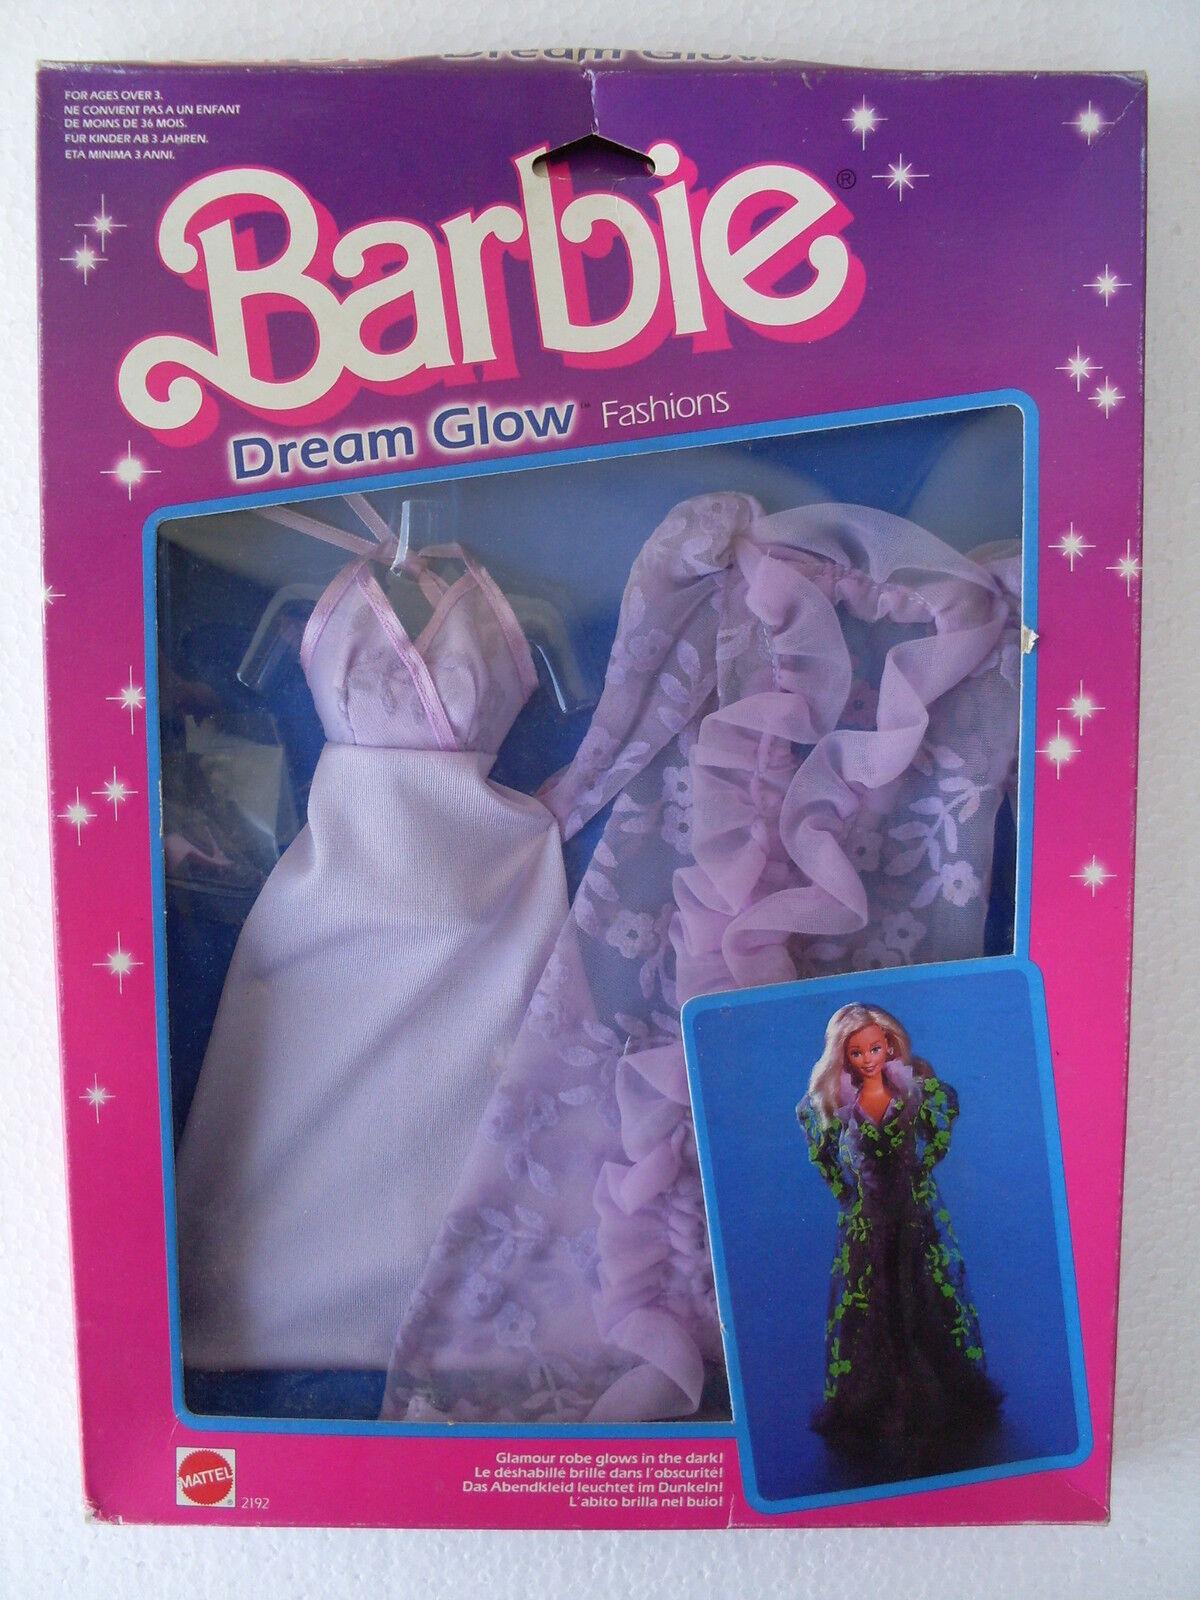 Barbie dream glow modas luce stelle dress robe abito ok  NRFB 1985 mattel 2192  miglior prezzo migliore